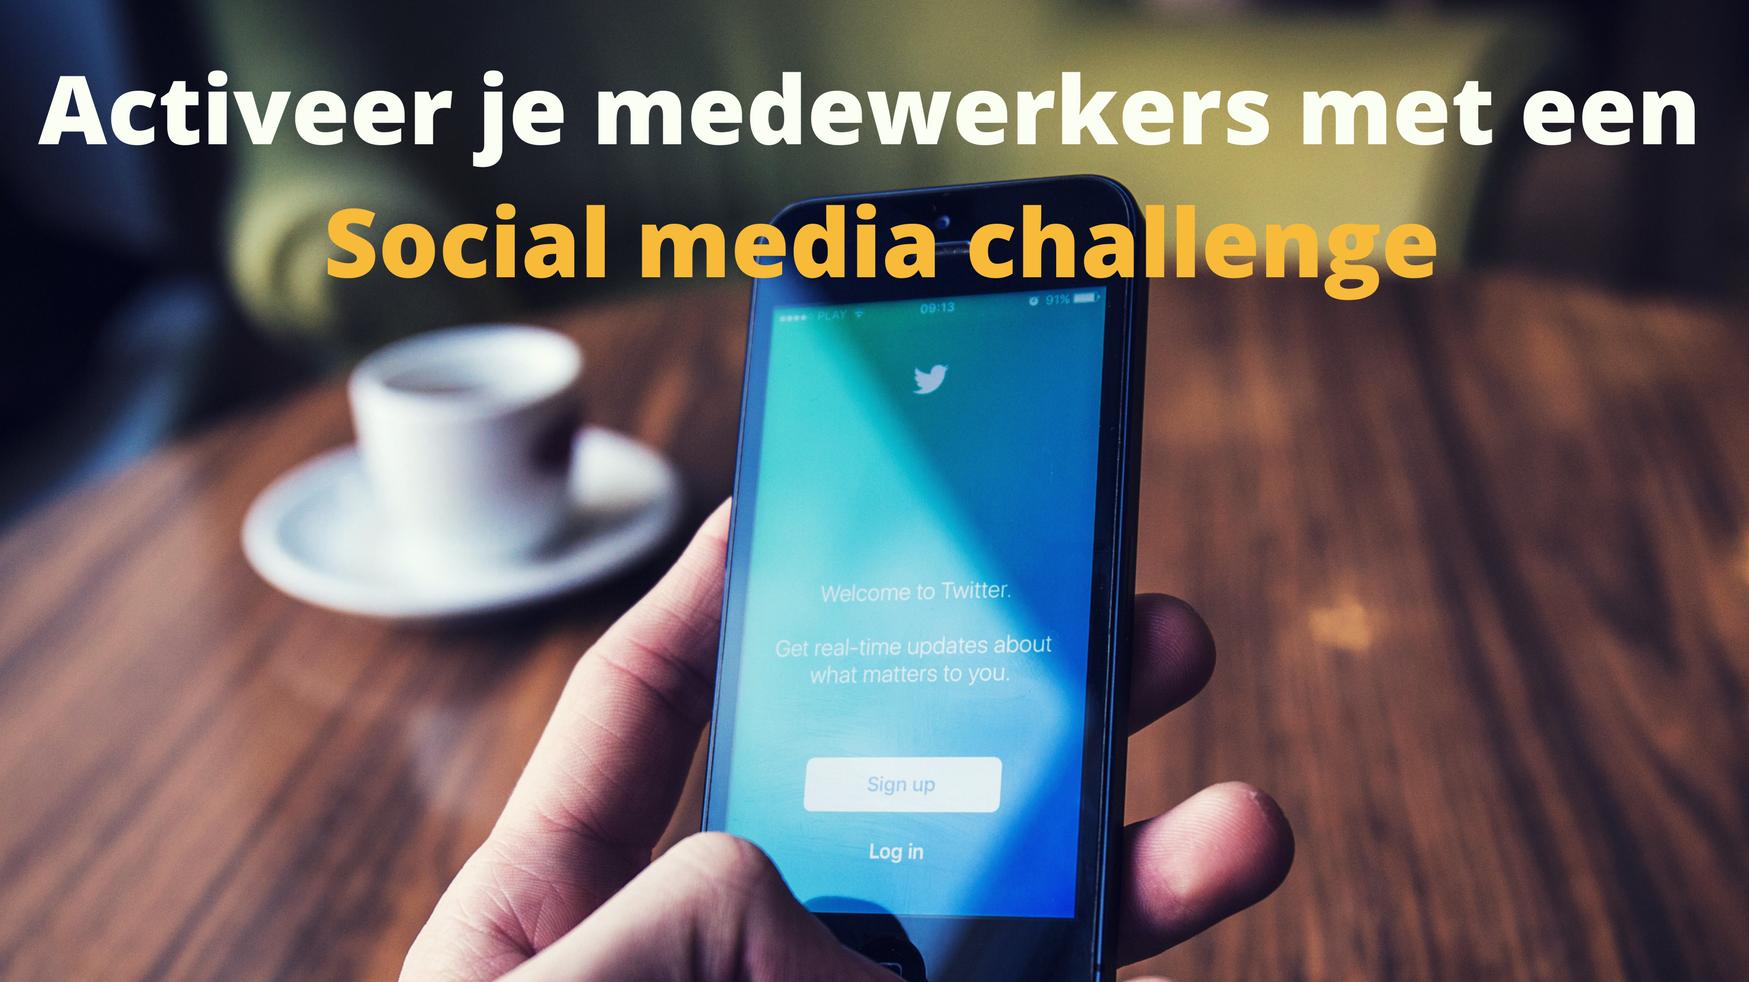 Social media challenge activeer je medewerkers